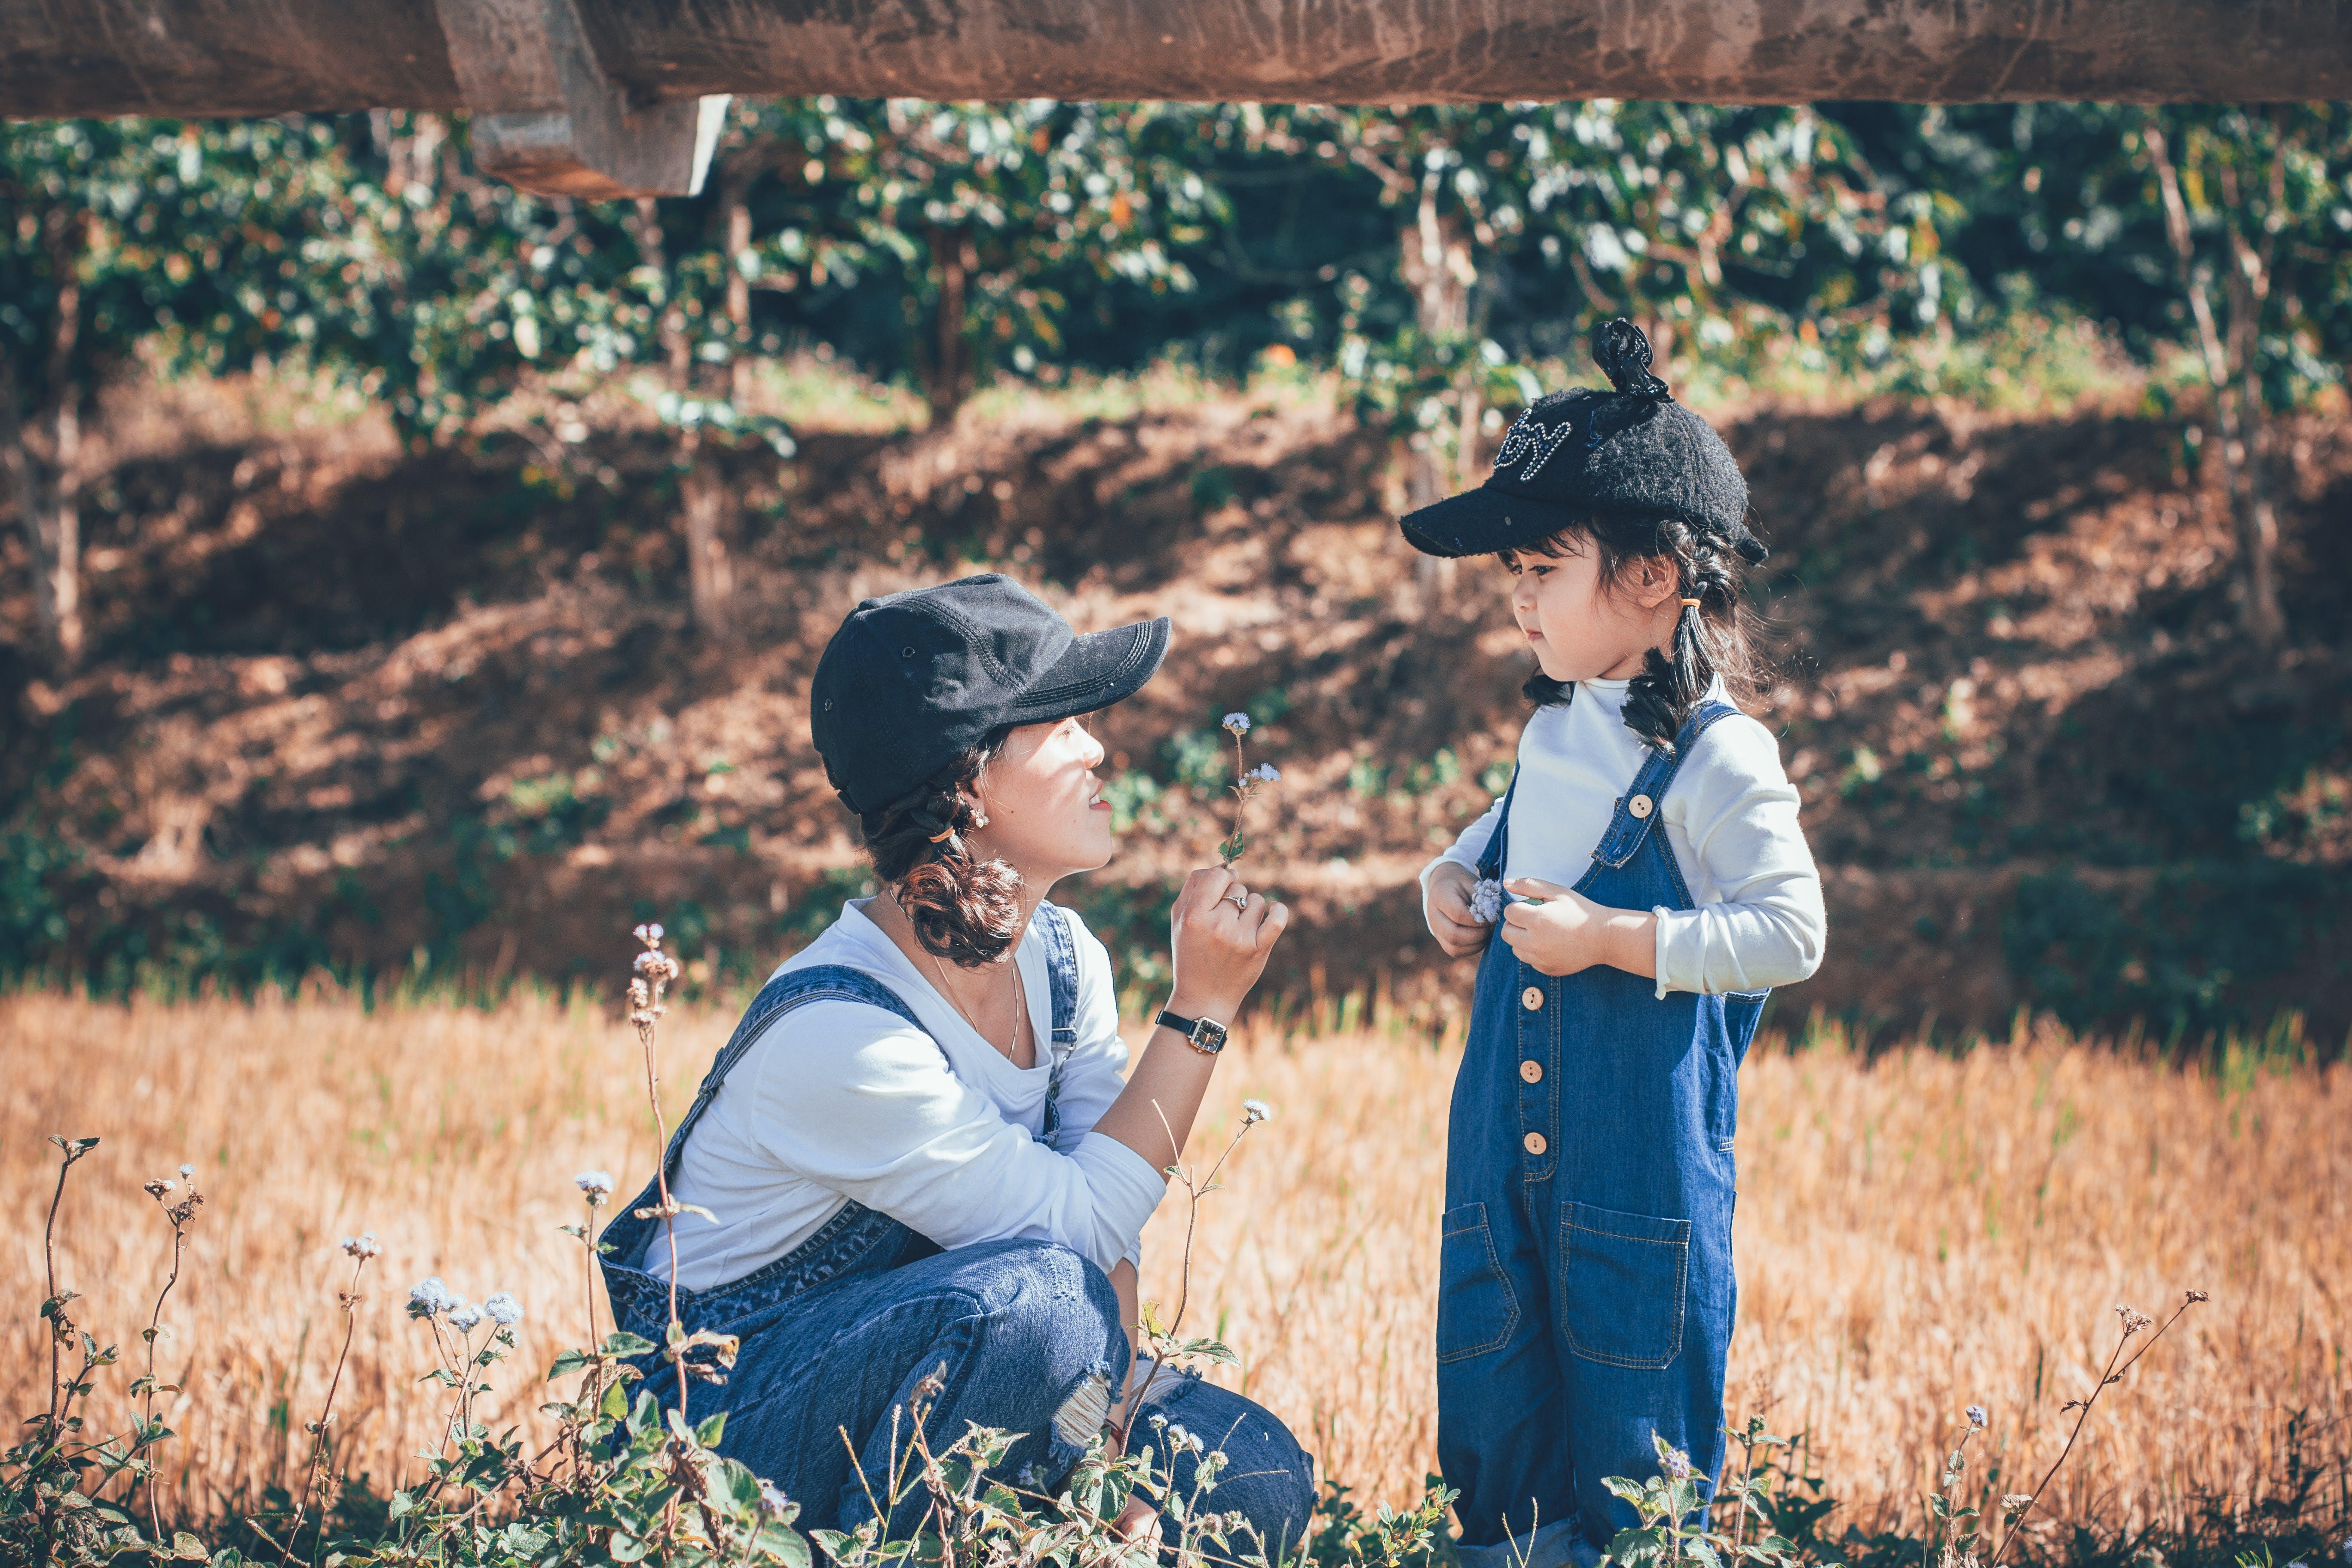 Kostnadsfri bild av åkermark, barn, flicka, gräs